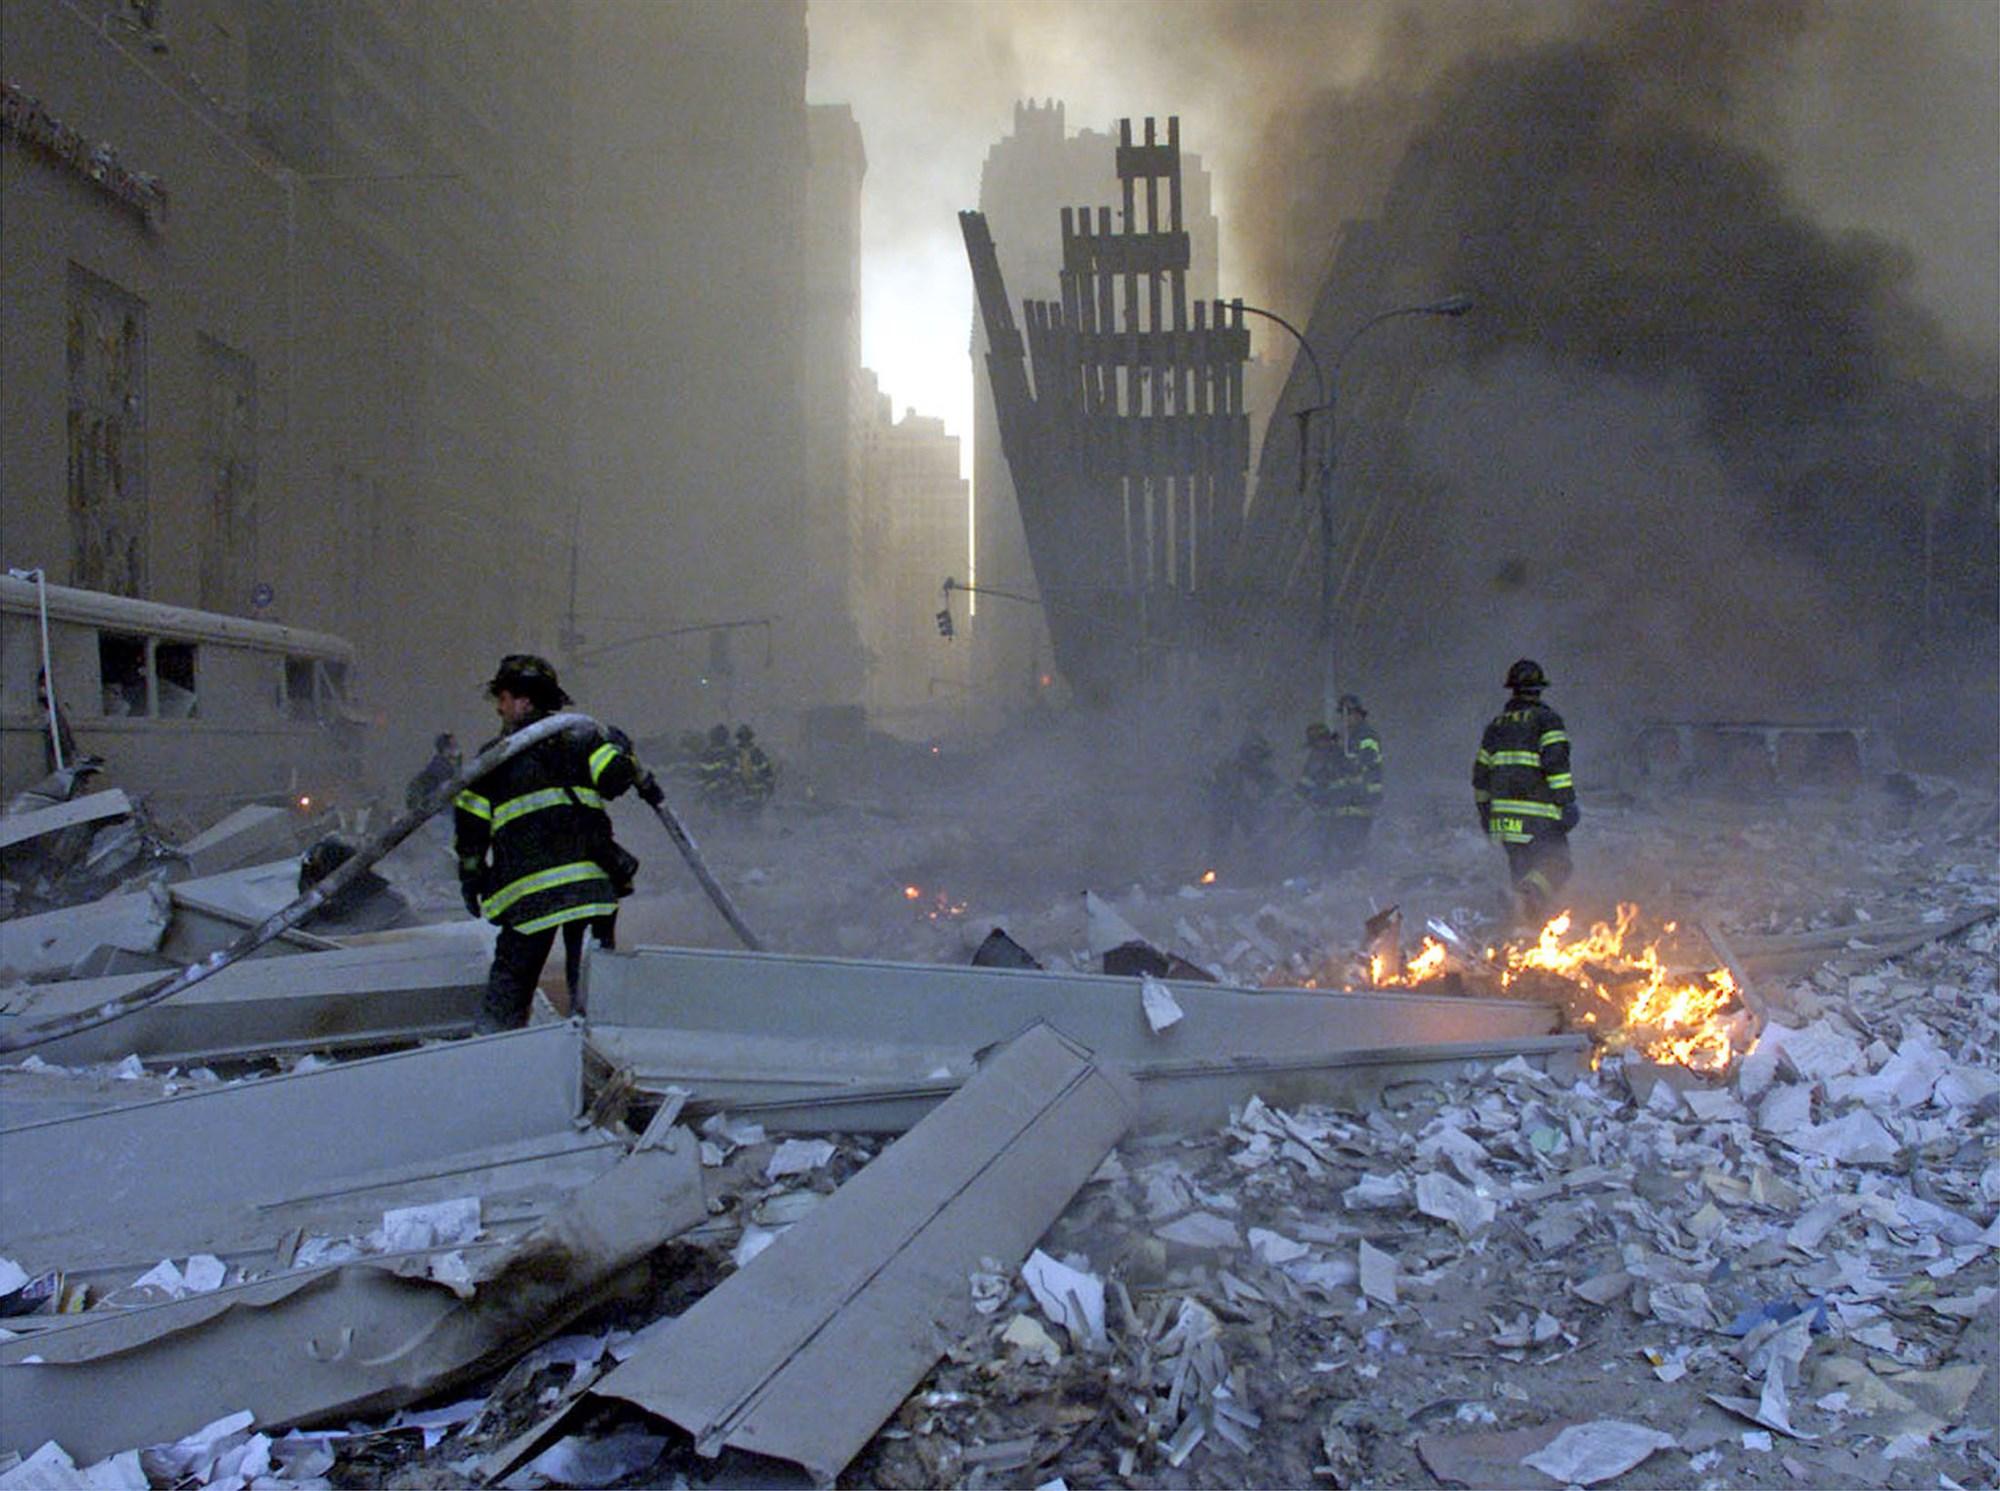 Vista de los ataques terroristas a las Torres Gemelas del Centro Mundial de Comercio en la ciudad de Nueva York. Foto: www.nbcnews.com.